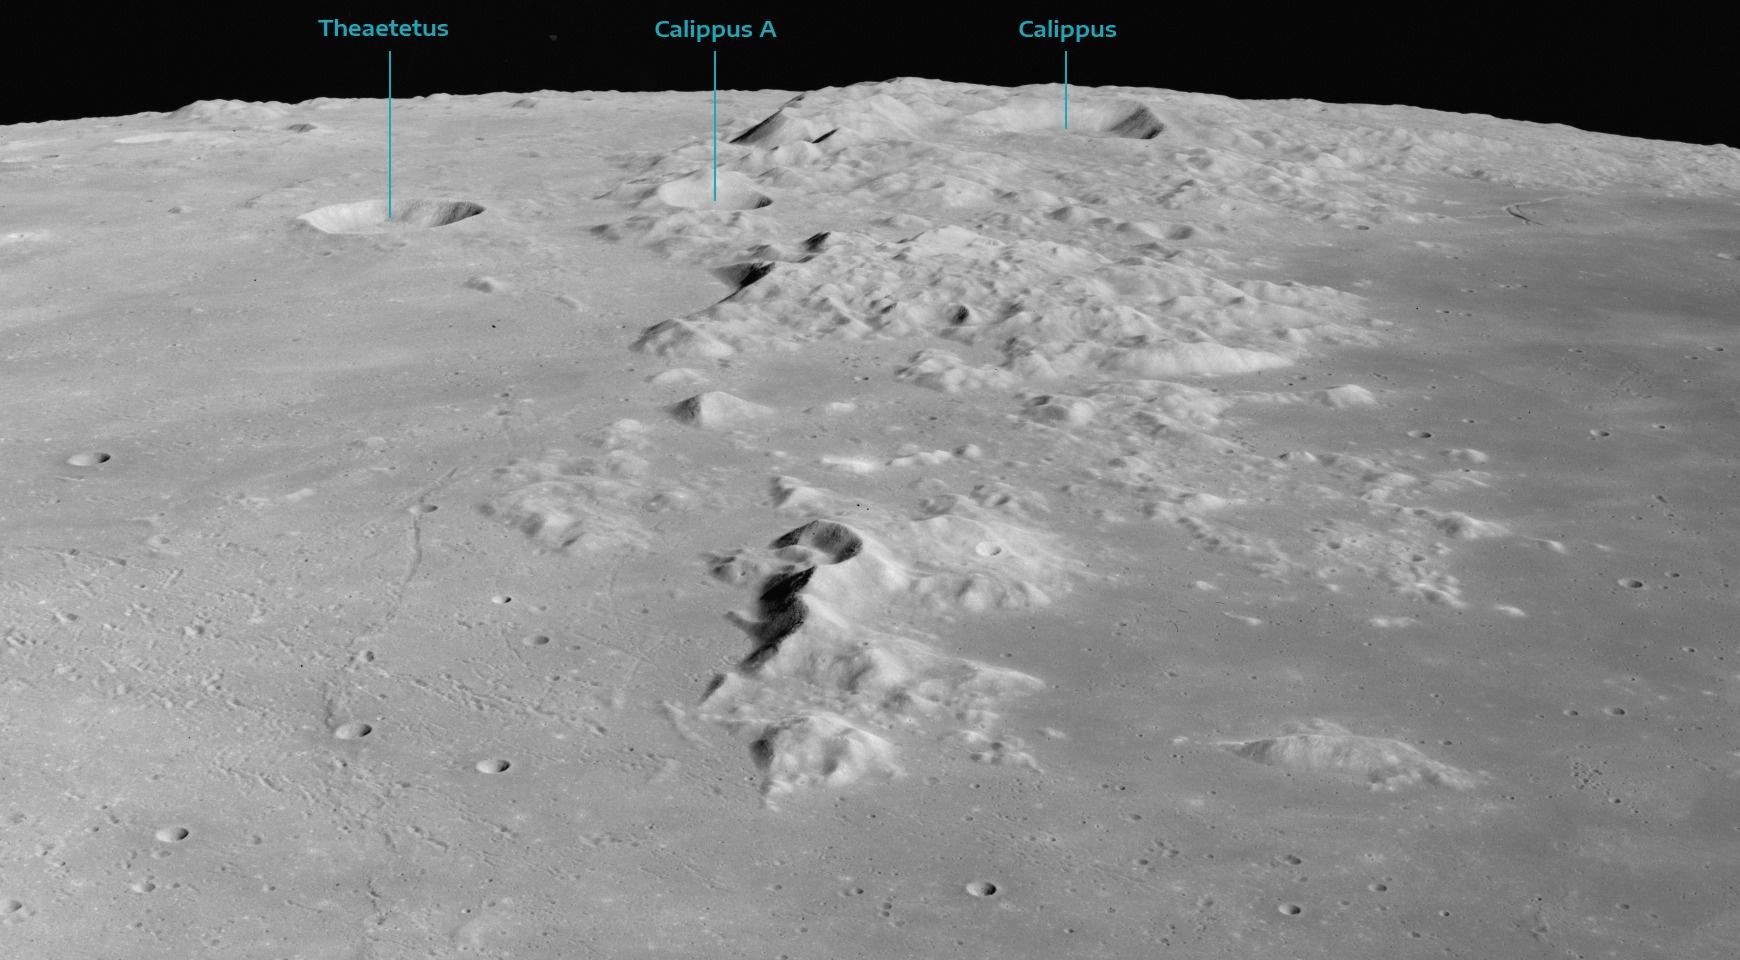 Góry Kaukaz - widok z pokładu Apollo 15